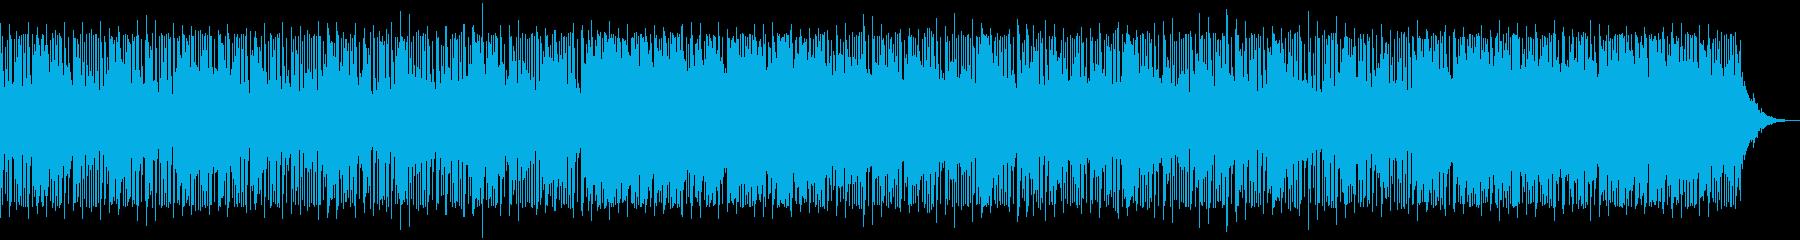 ハロウィン風 コミカルなお化け屋敷の再生済みの波形